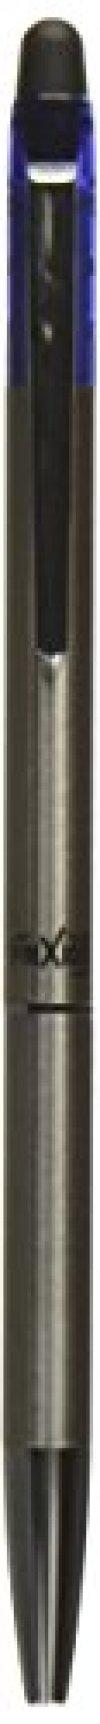 フリクションボールスリム ビズ 0.38mm【ブルー】 LFBKS-1SUF-L